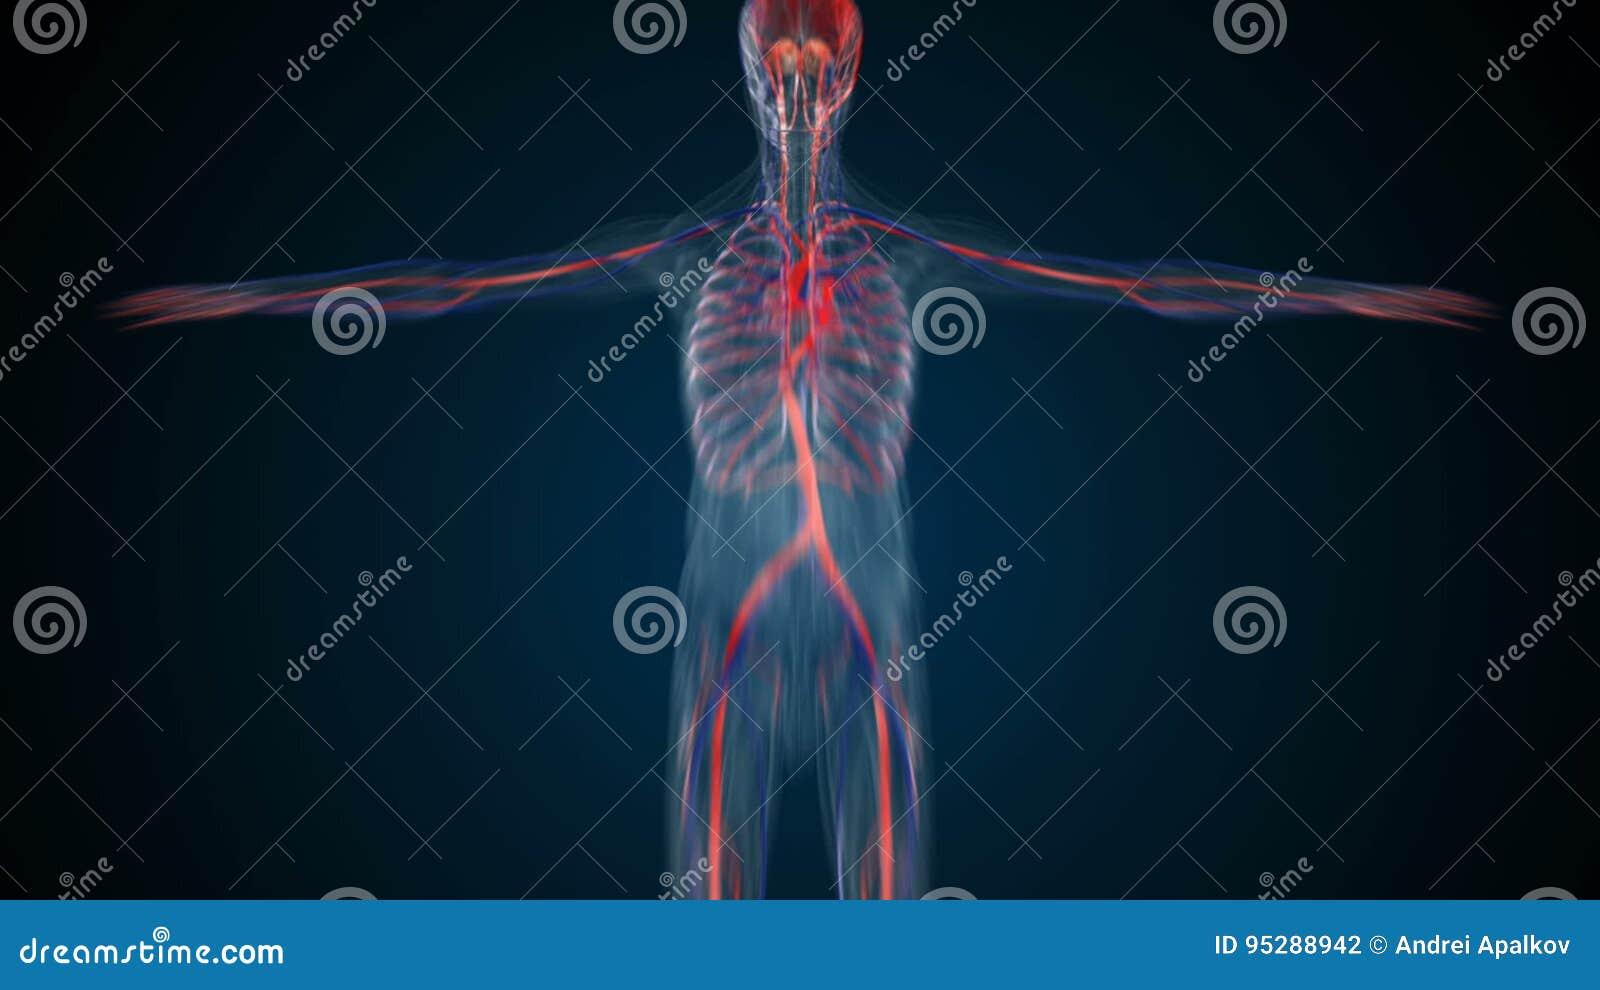 Schön Anatomie Systeme Des Menschlichen Körpers Fotos - Menschliche ...